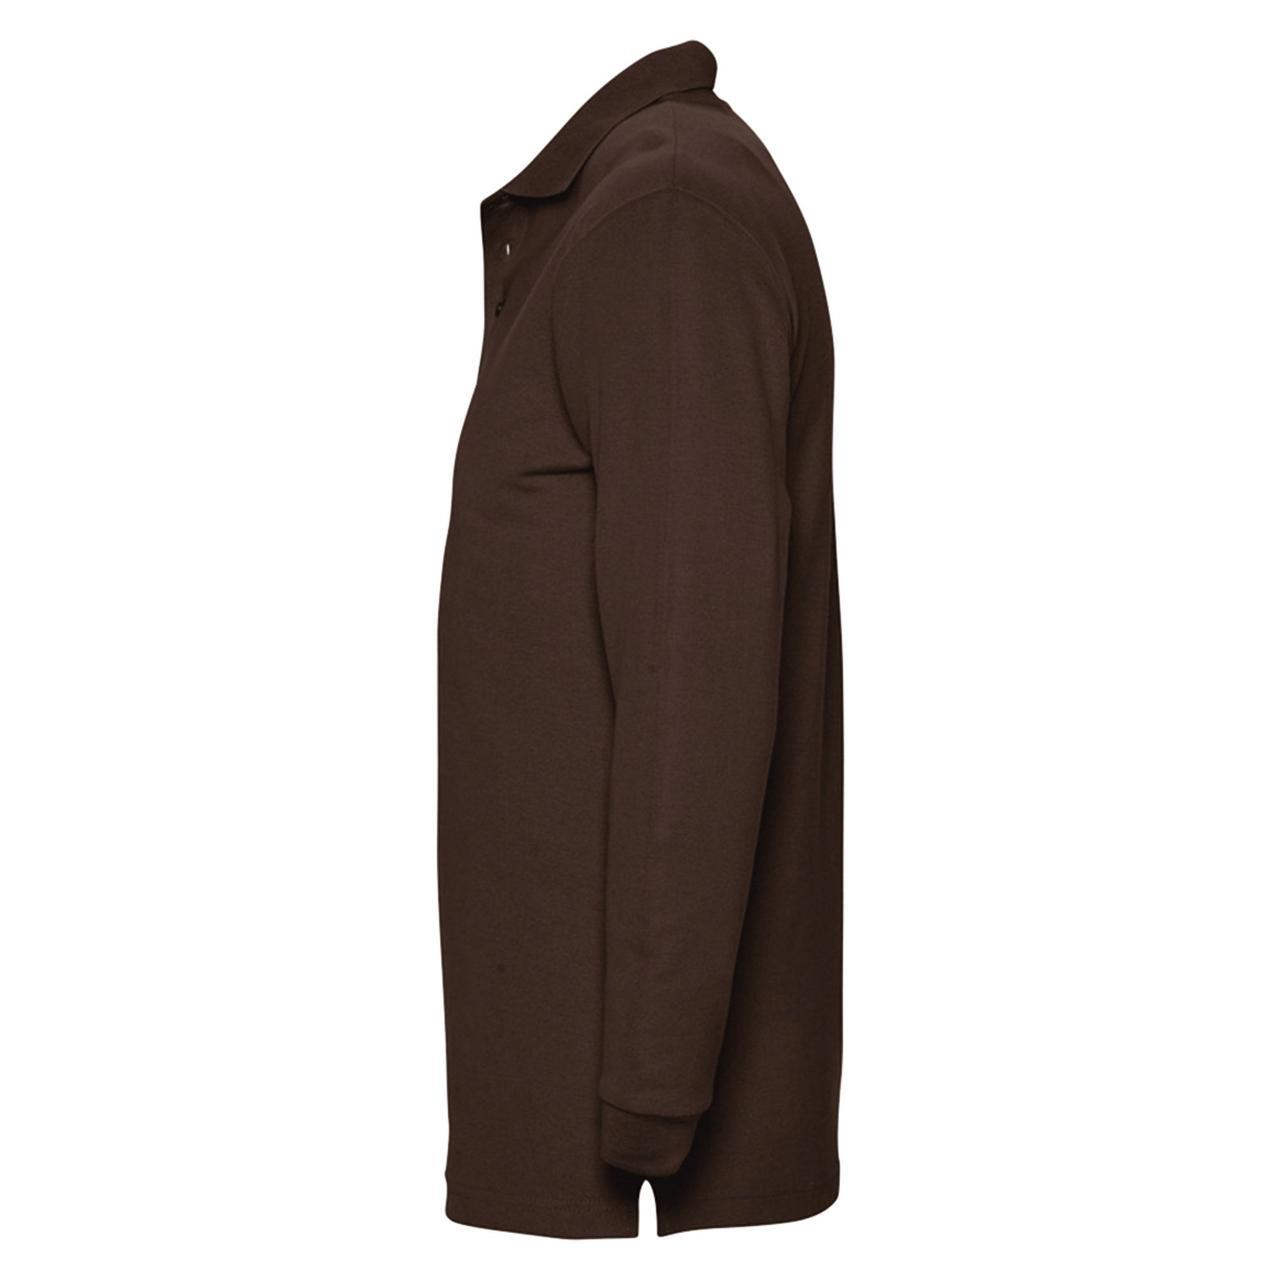 Рубашка поло мужская с длинным рукавом Winter II 210 шоколадно-коричневая (артикул 11353398) - фото 3